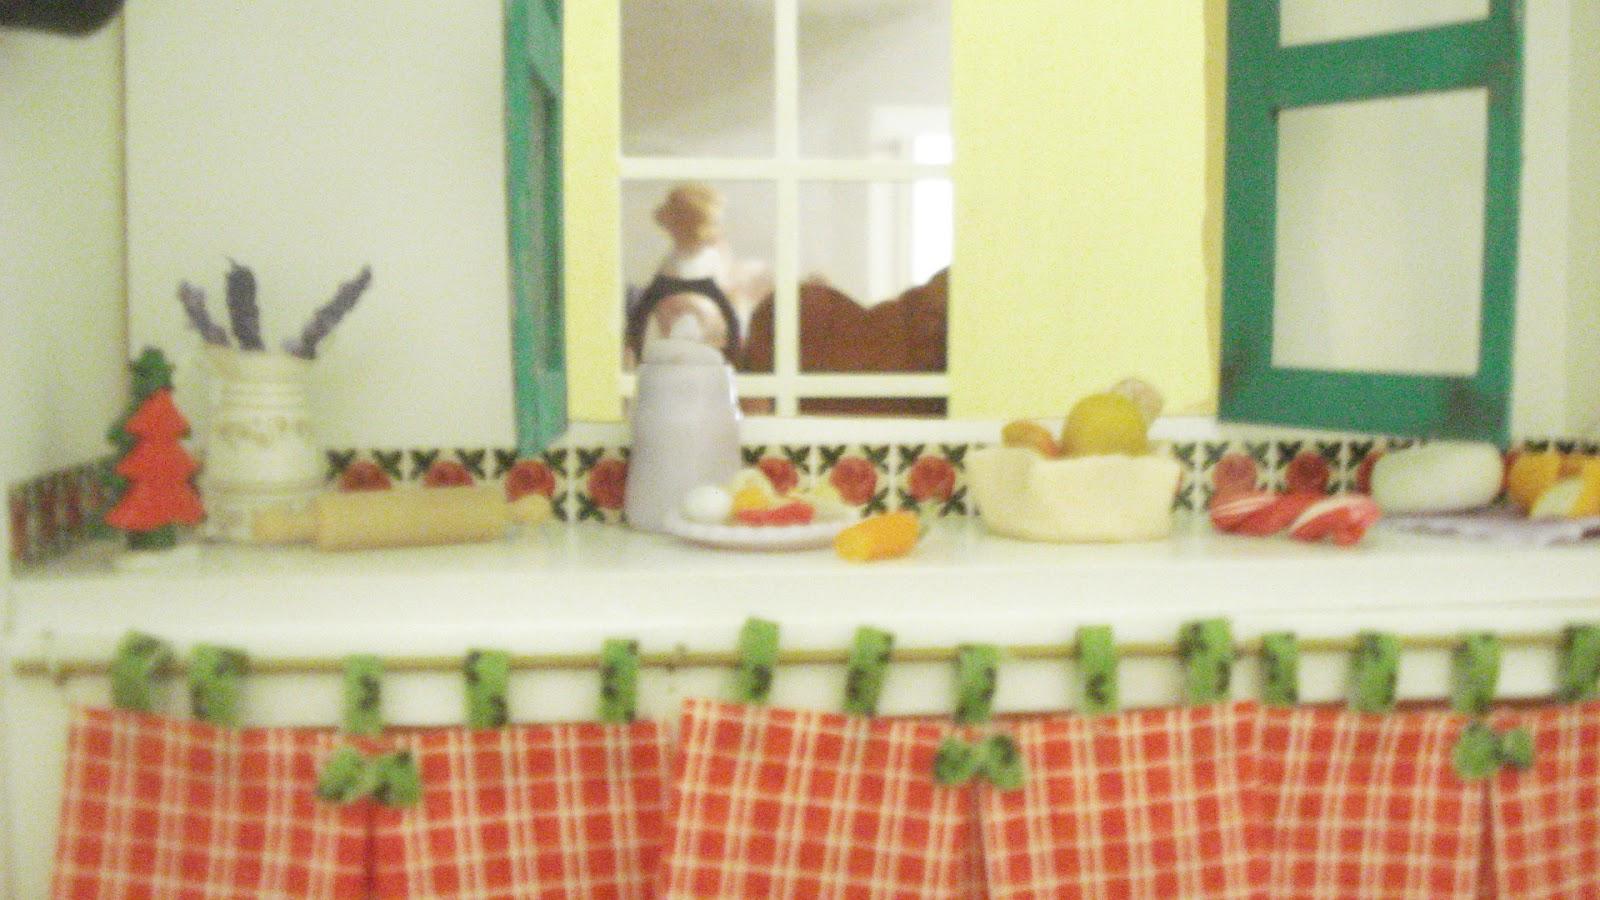 casa andrea milano sectional sofa e cia criciuma telefone louca por miniaturas minis da dea outubro 2012